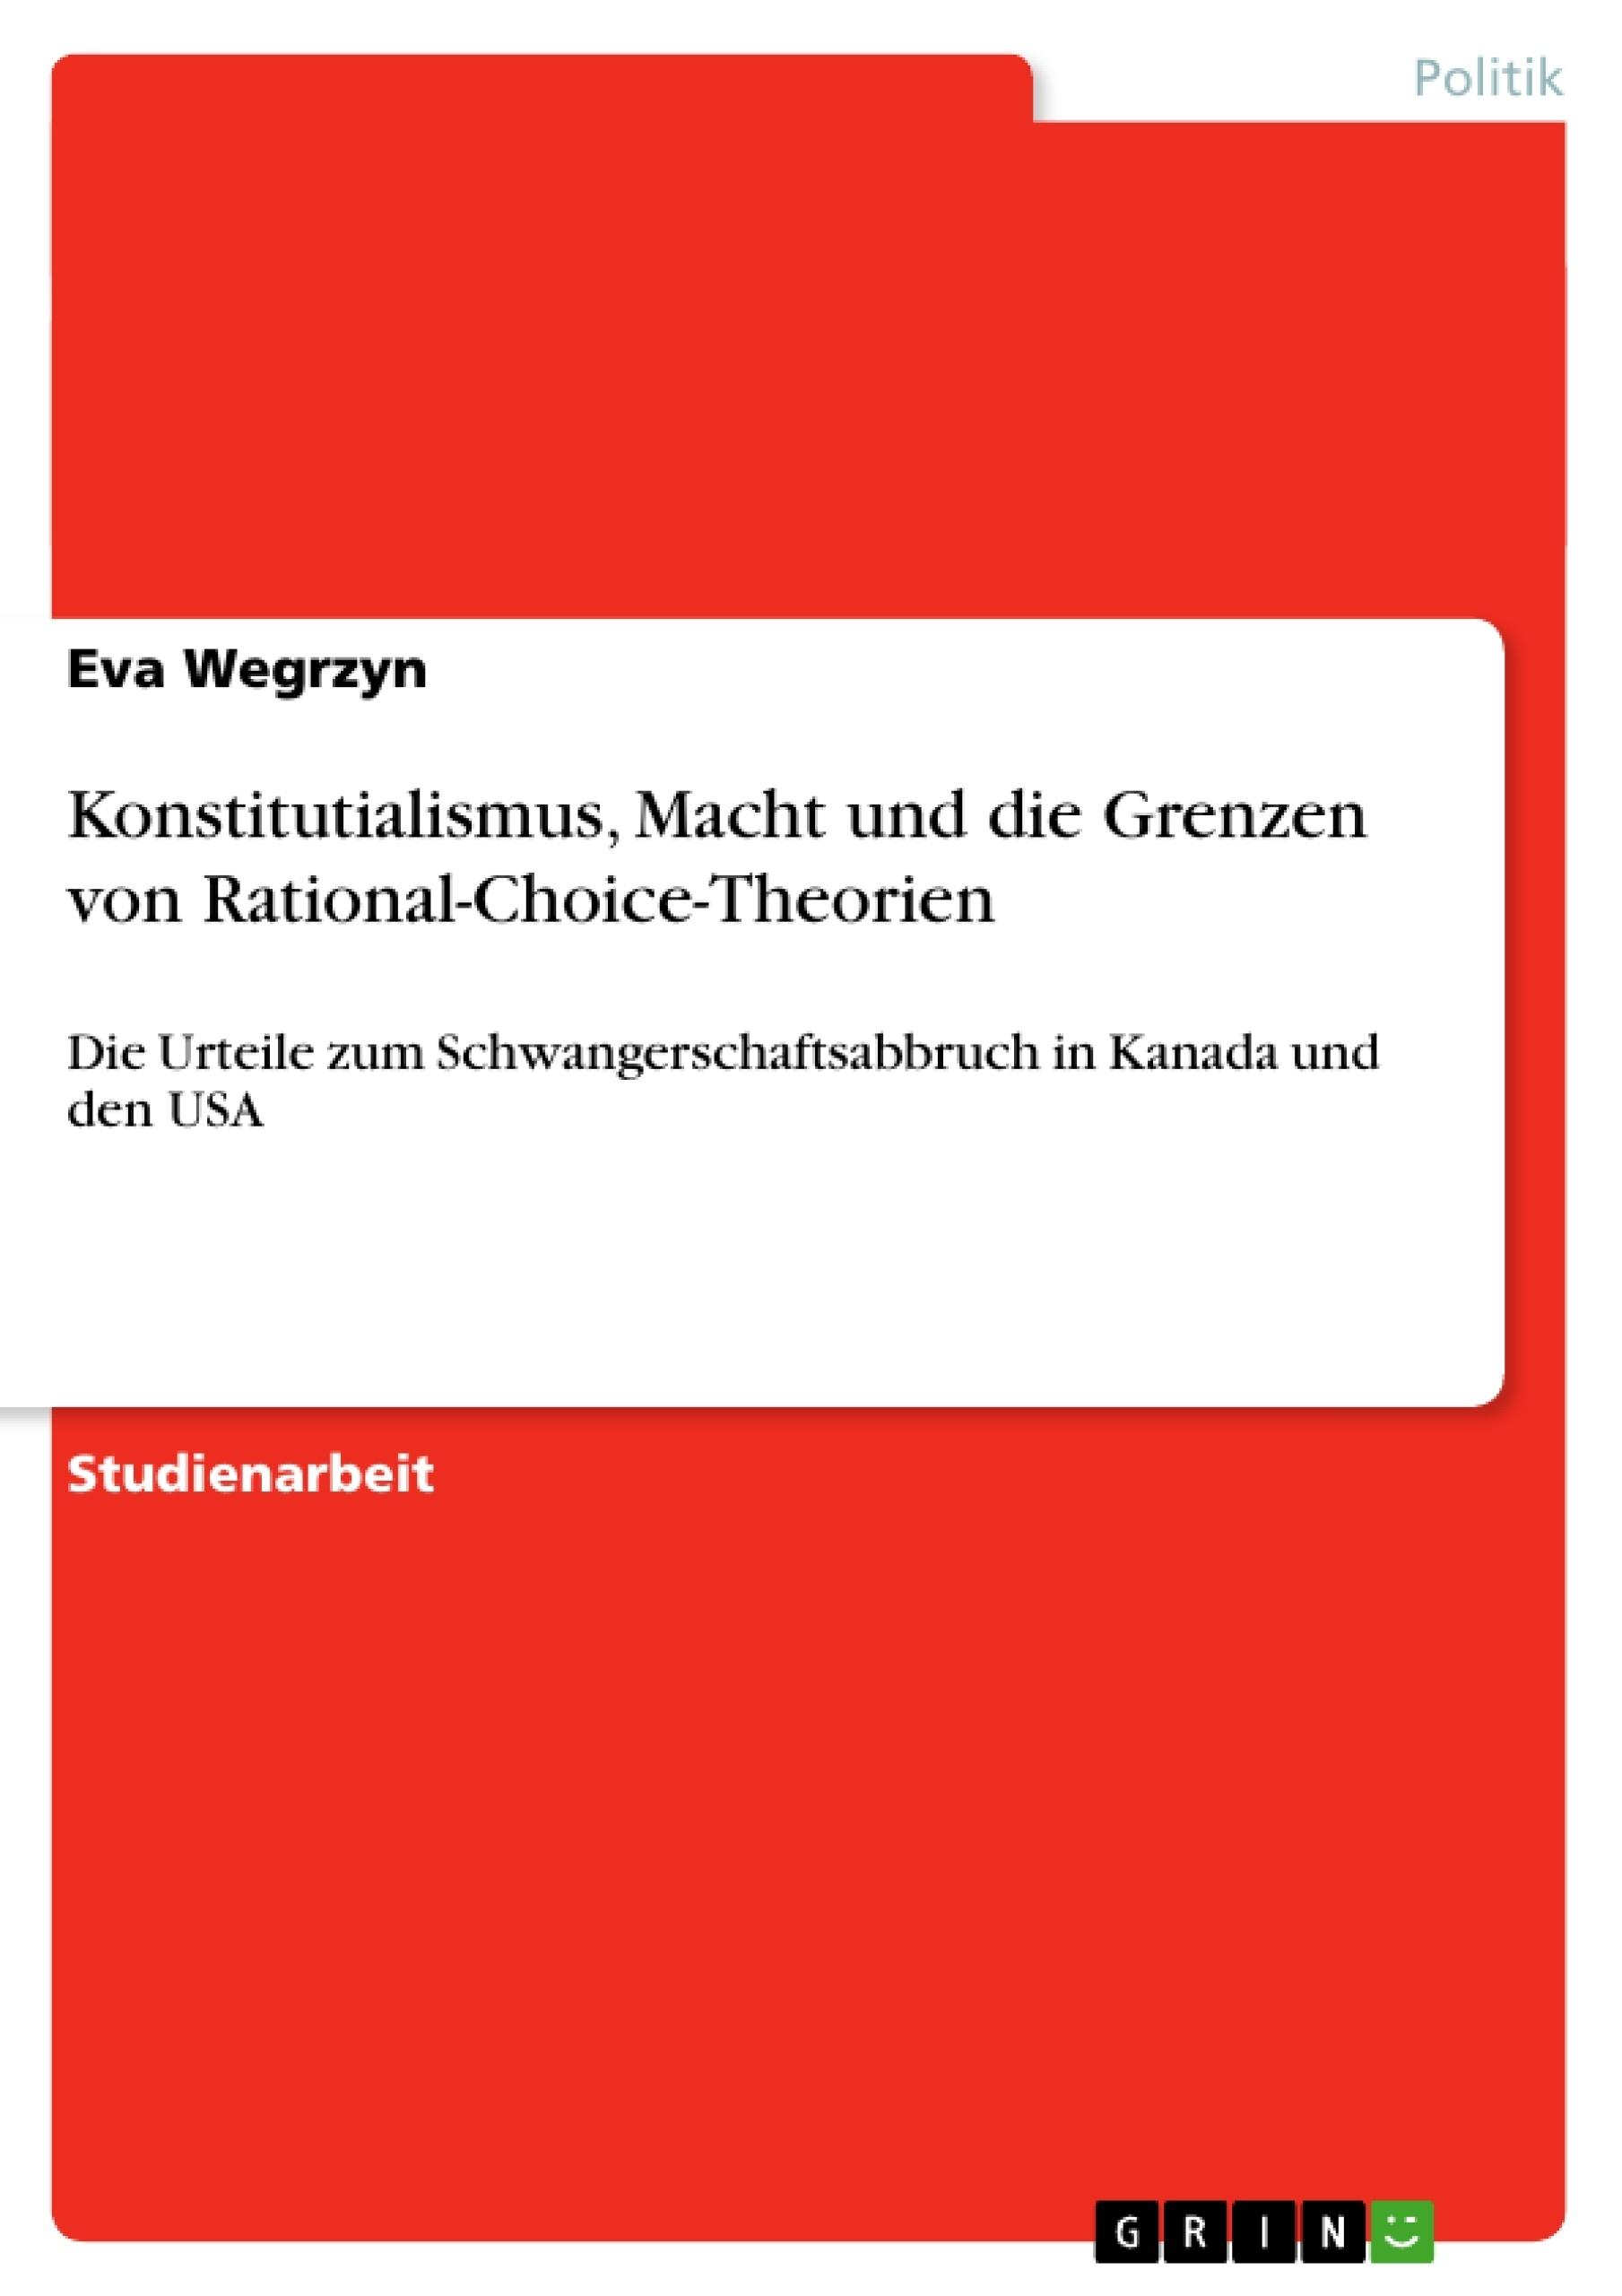 Titel: Konstitutialismus, Macht und die Grenzen von Rational-Choice-Theorien